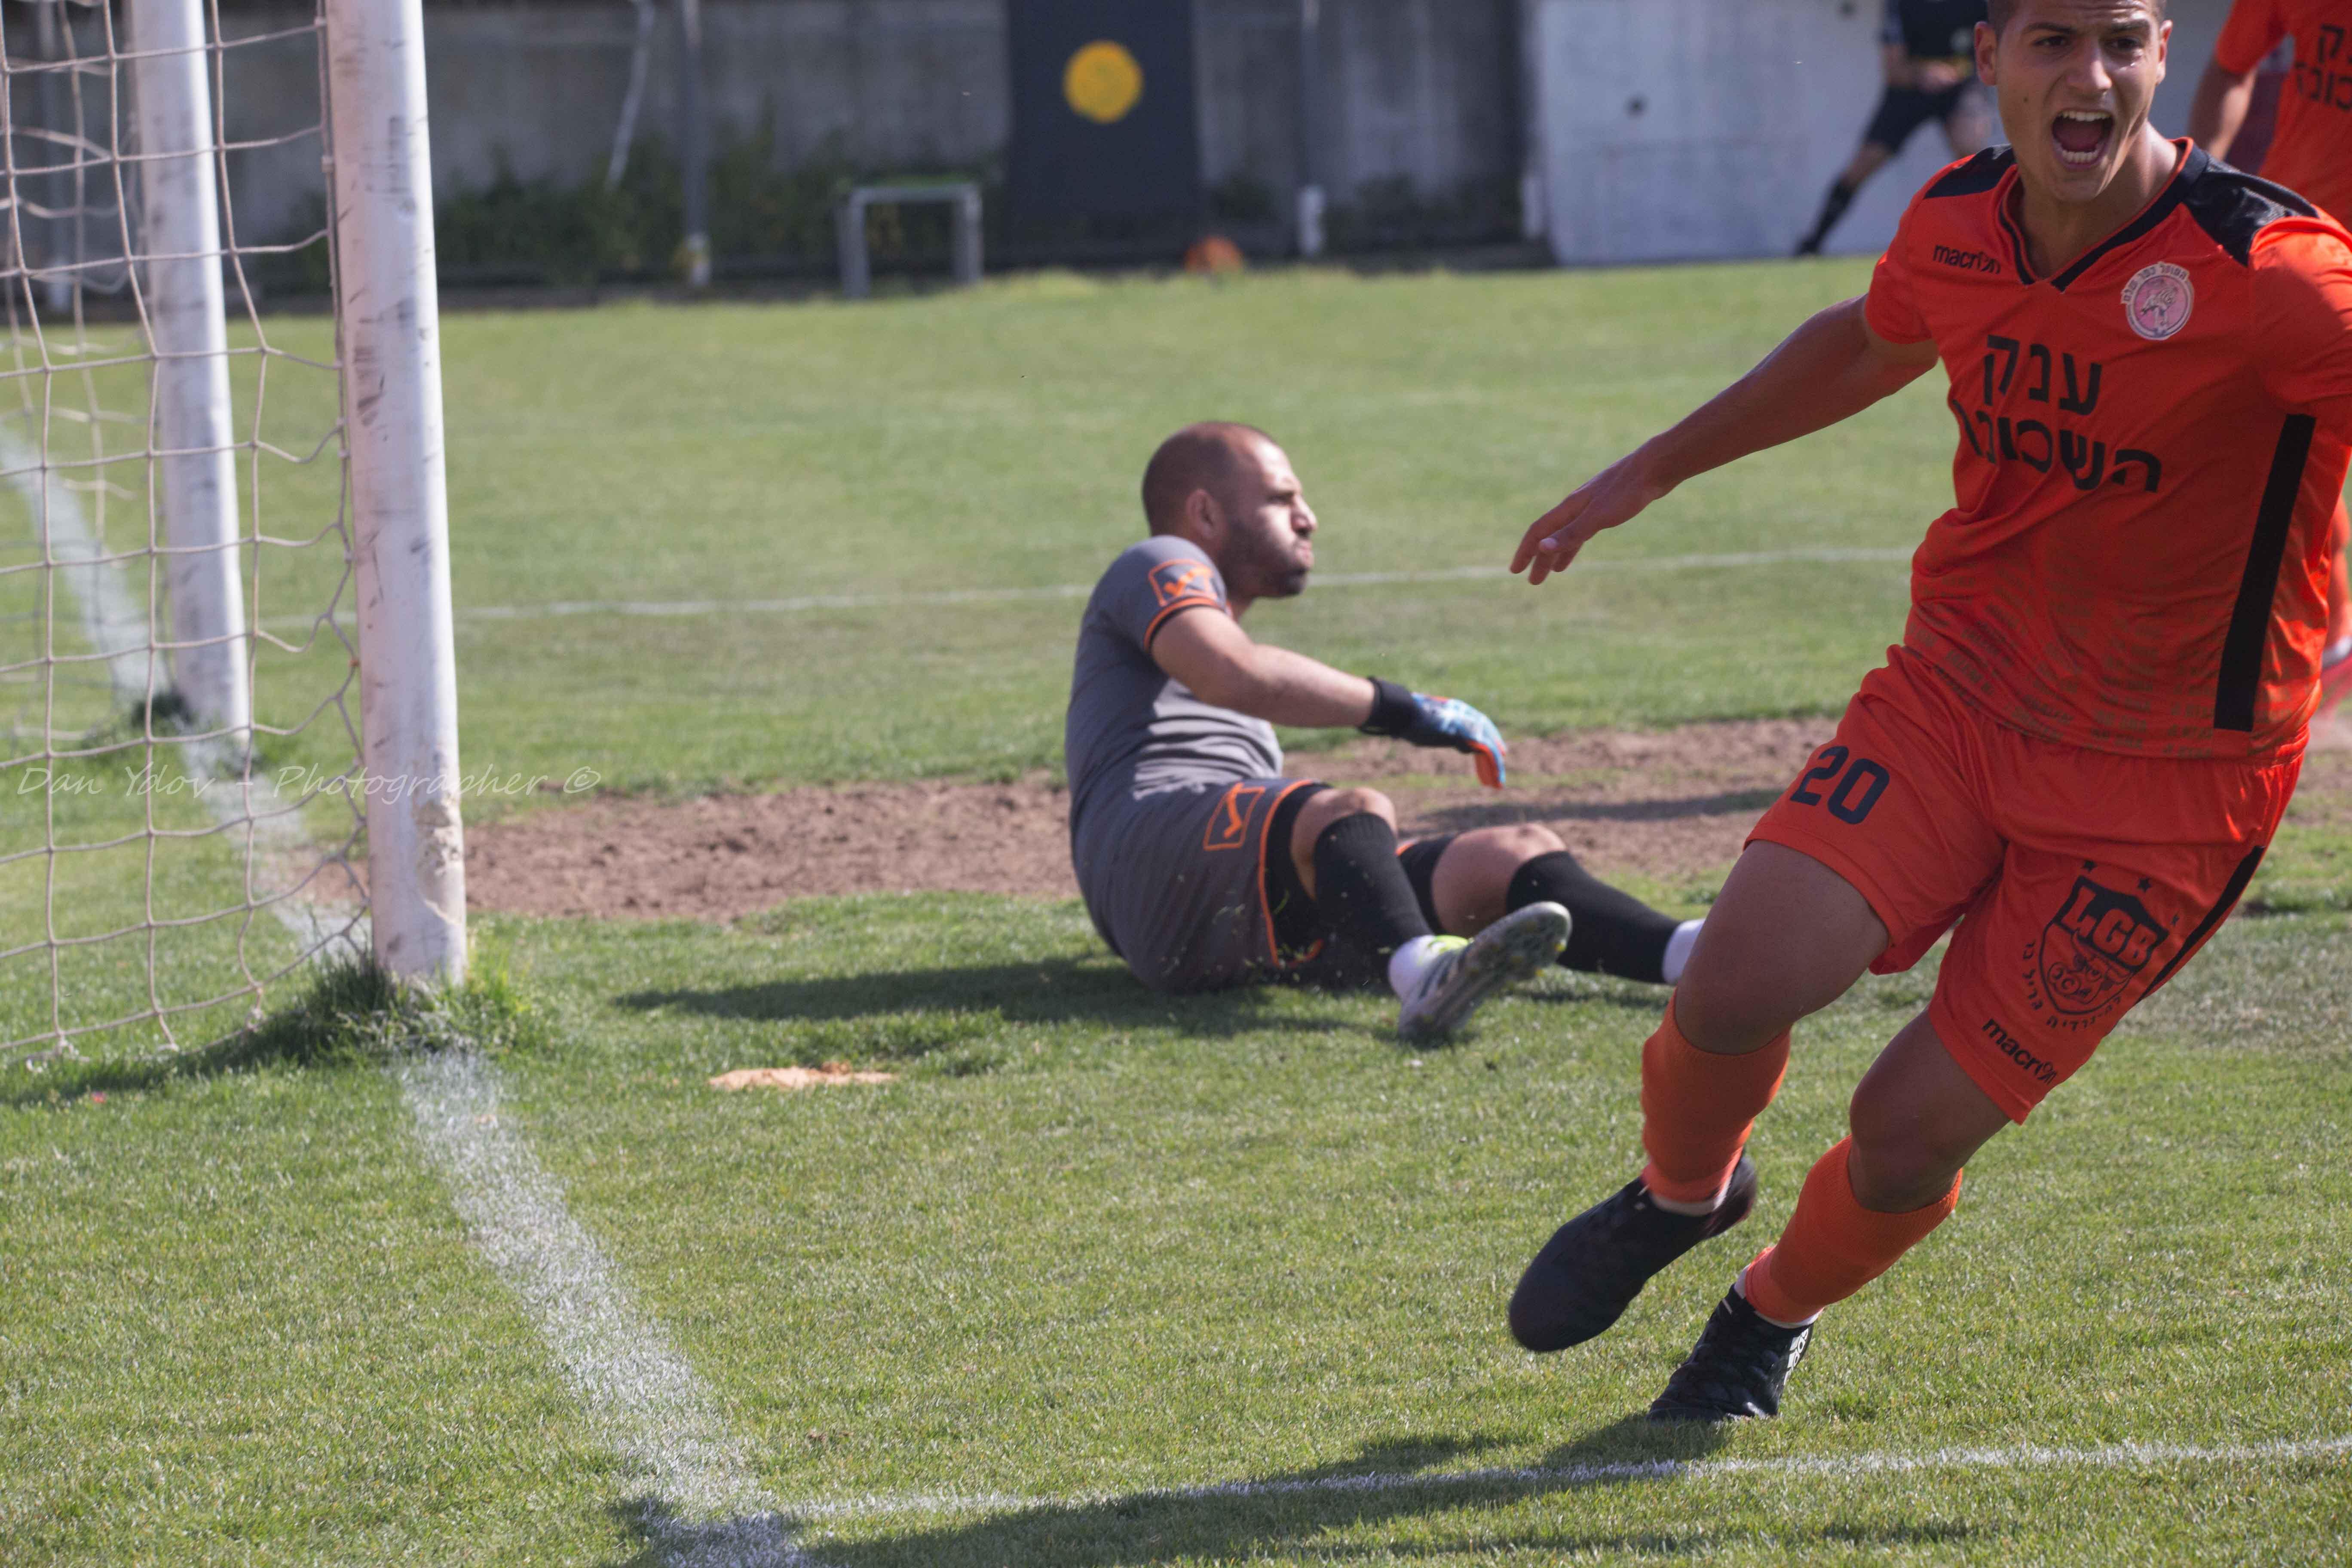 ,ספורט, כדורגל, בעיטה של גול